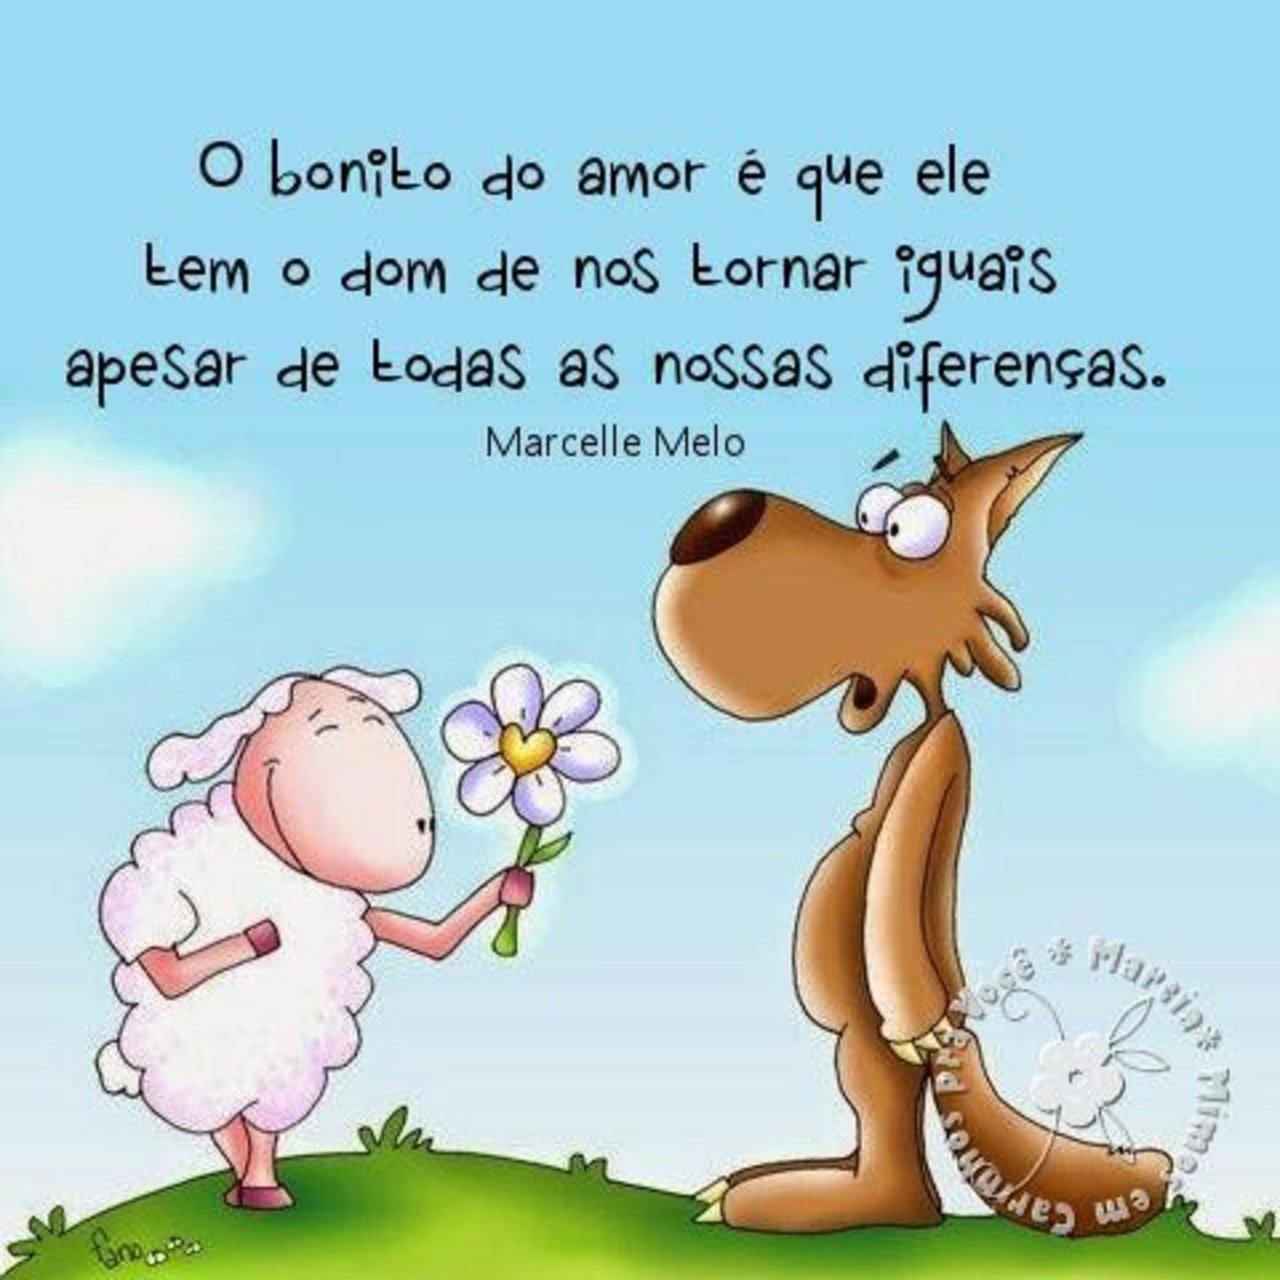 O bonito do amor é que ele tem o dom de nos tornar iguais apesar de todas as nossas diferenças.